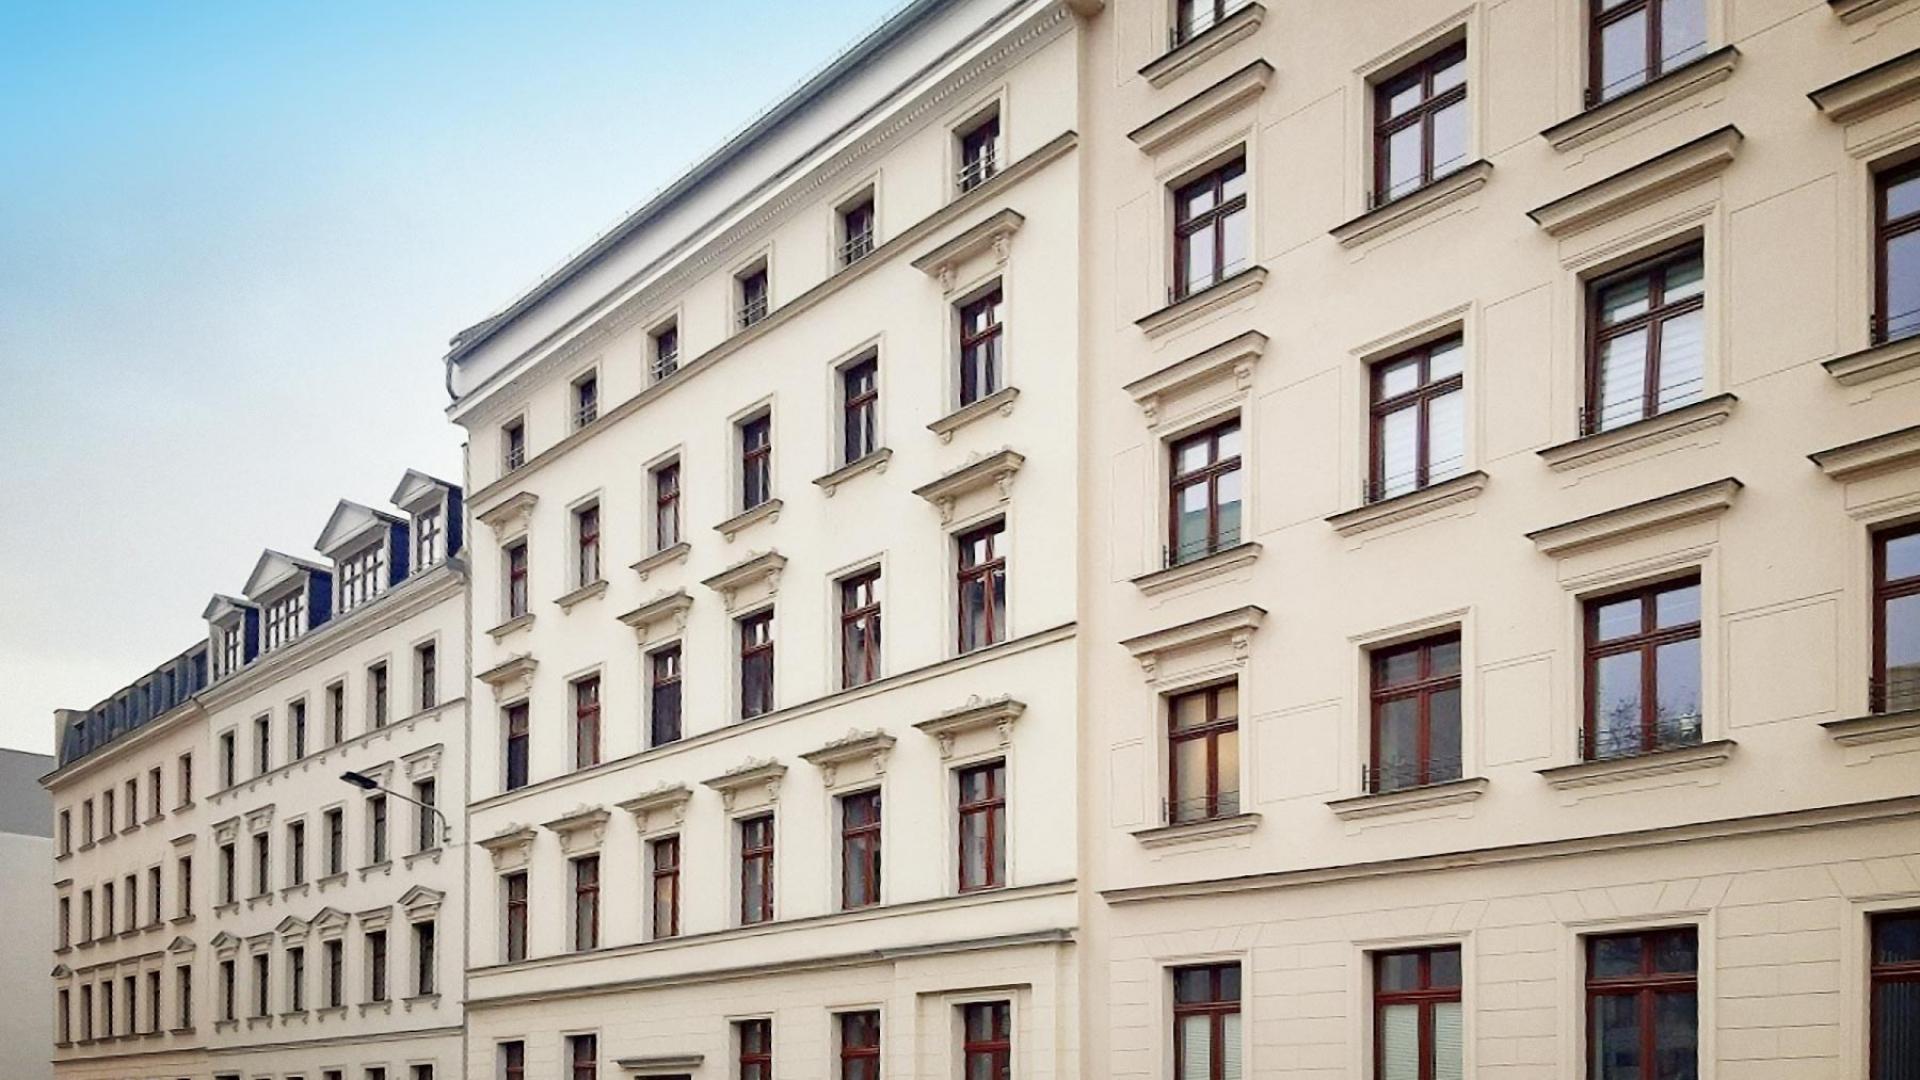 Ihr neues Investment in einer einzigartigen und exklusiven Lage von Leipzig